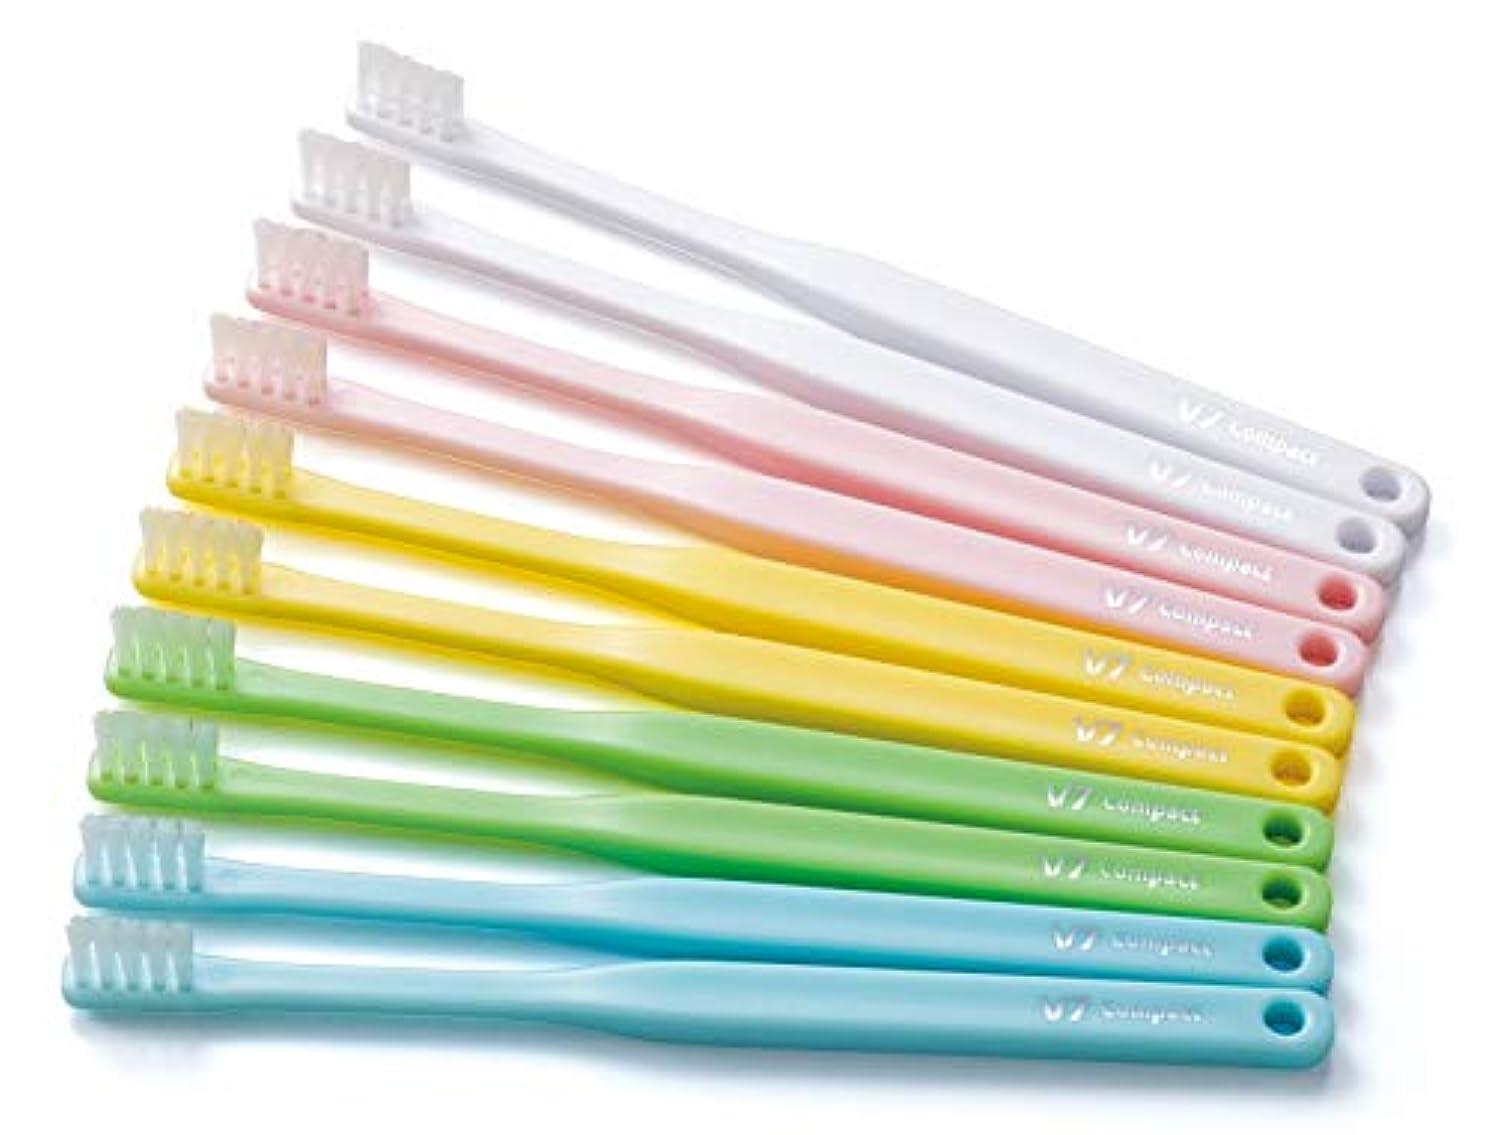 非武装化ハード昇るつまようじ法 歯ブラシ V-7 コンパクトヘッド 歯科向け 10本入